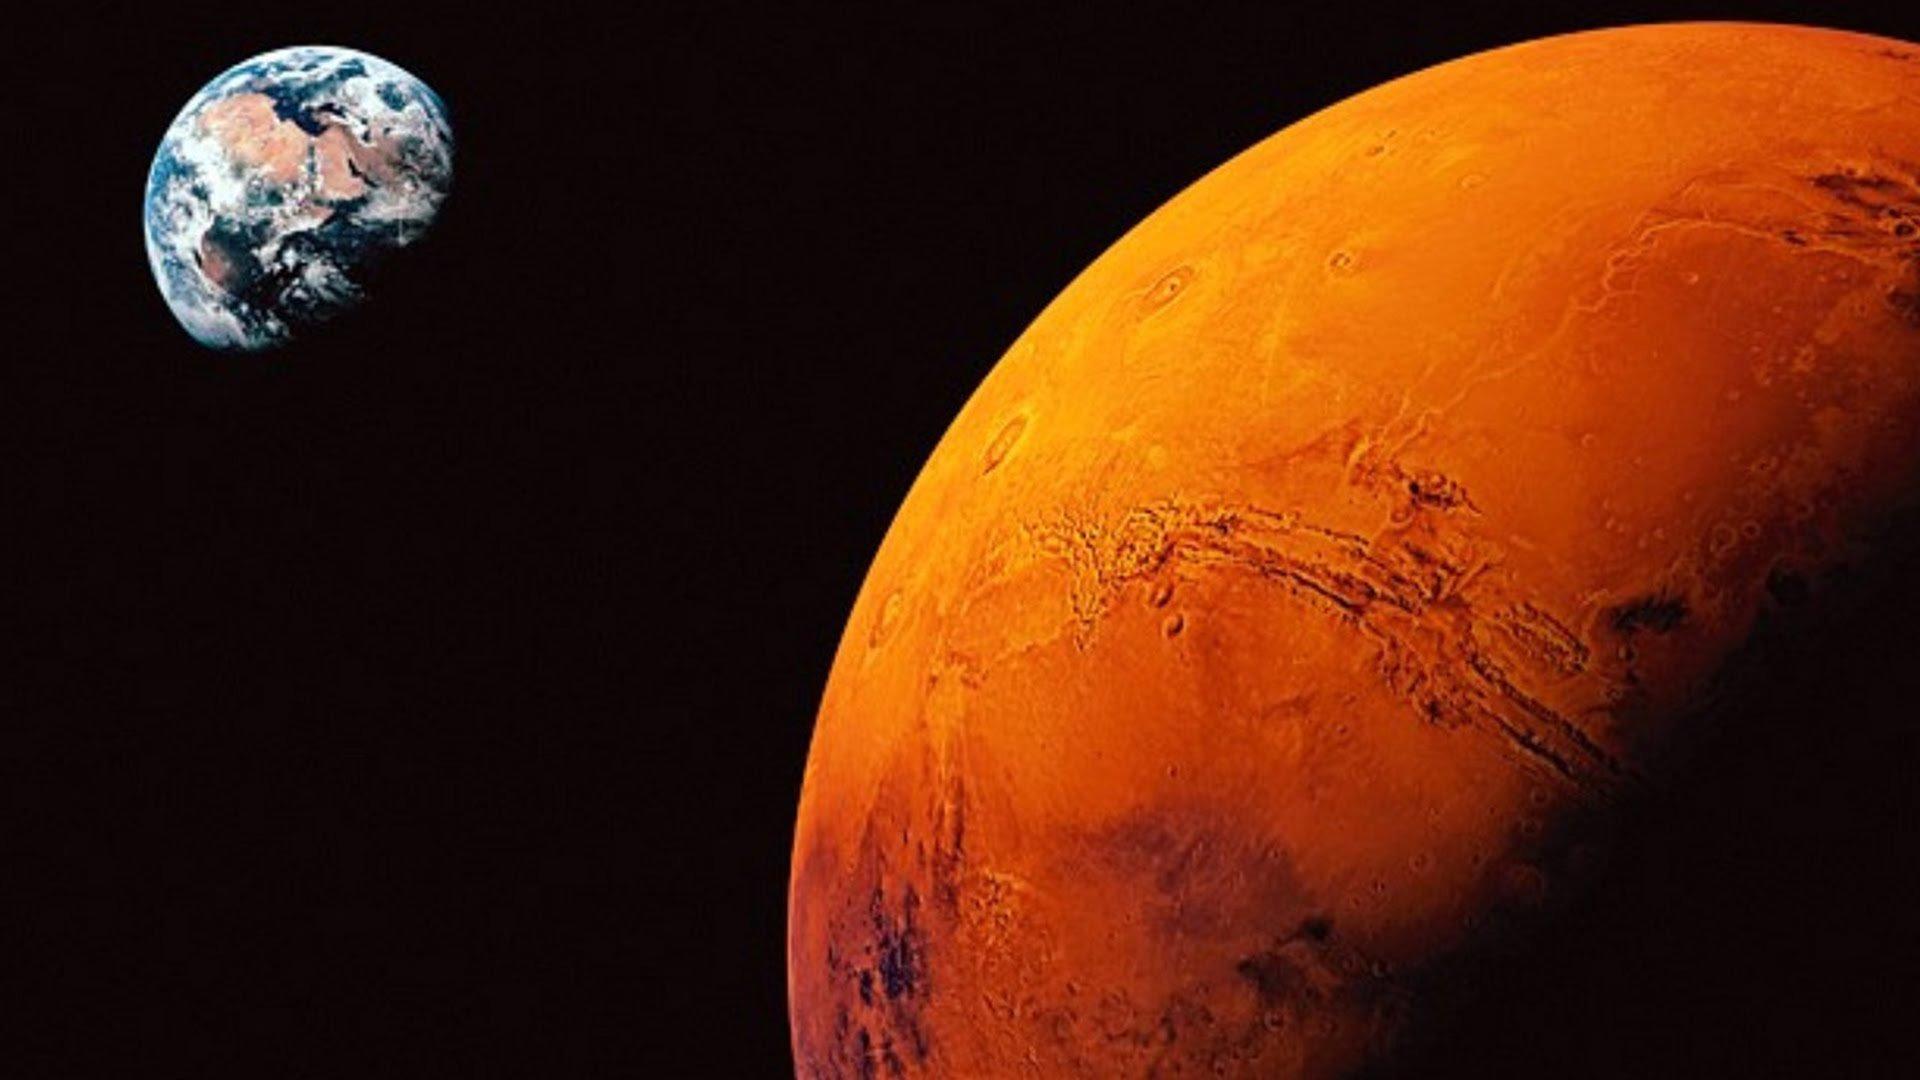 В NASA уверены что экспедиция на Марс может состояться в ближайшие 20 лет О чем умалчивает ведомство